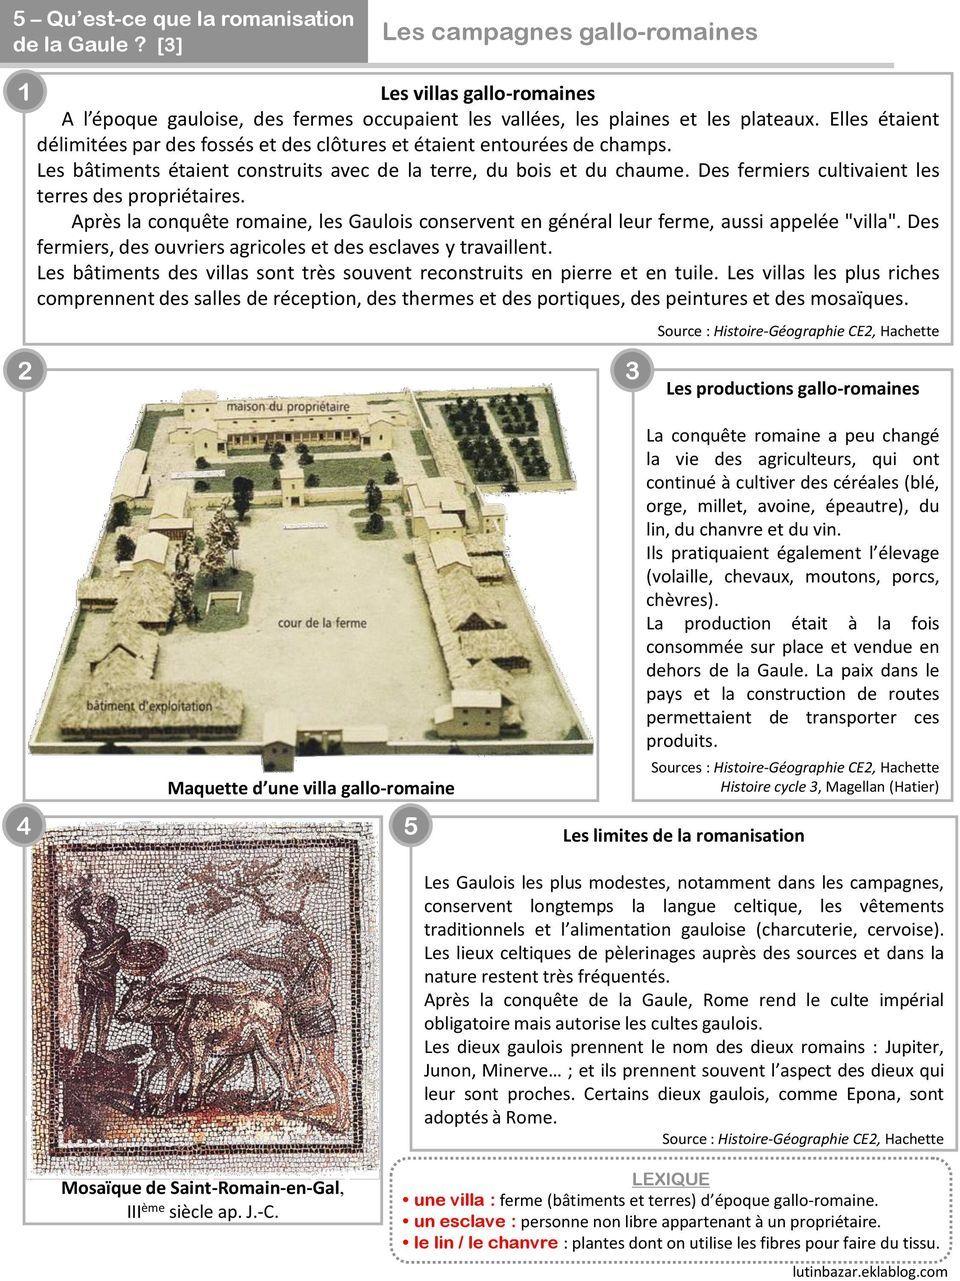 Epingle Sur C3 4 Hist Arts3 Antiquite